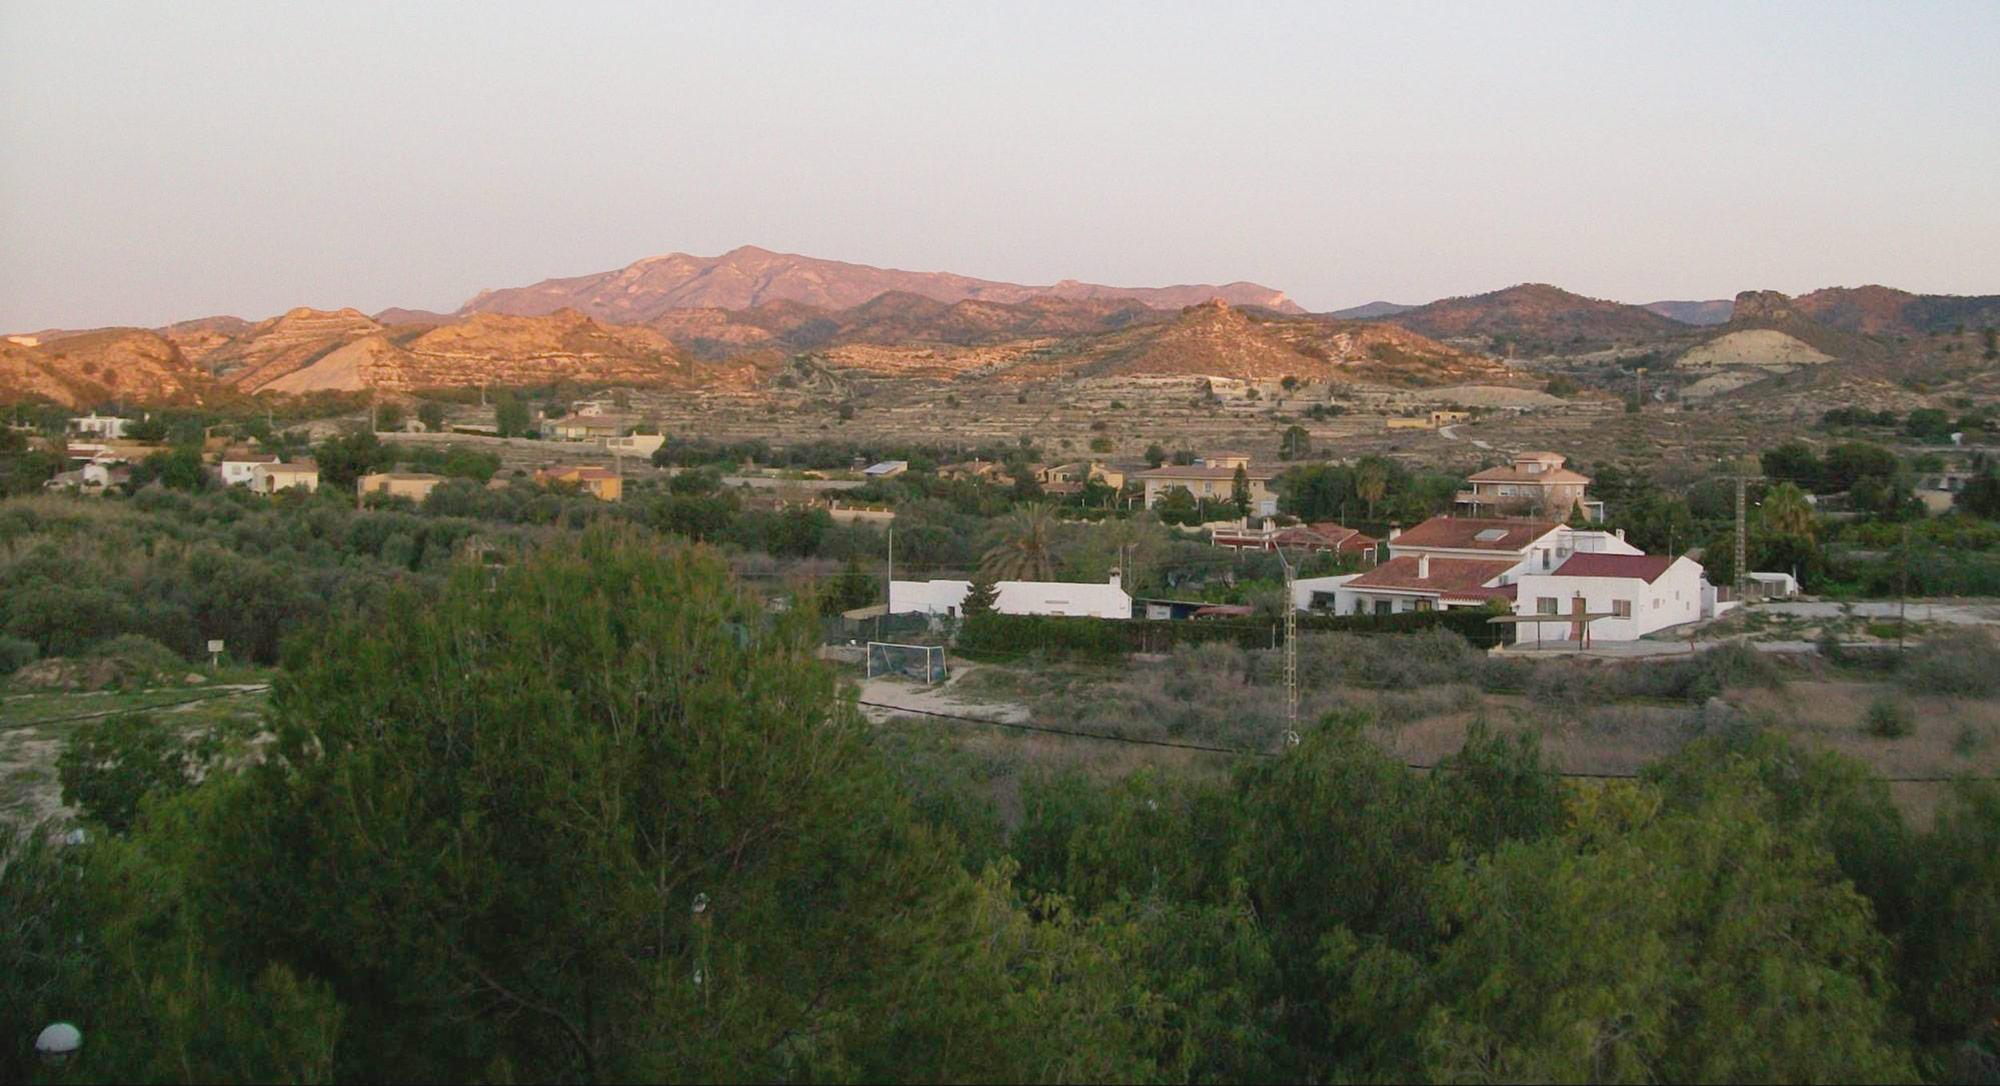 Четырехкомнатную квартиру рядом с пляжем и с видом на горы Иван арендует осенью за 1000€ в месяц